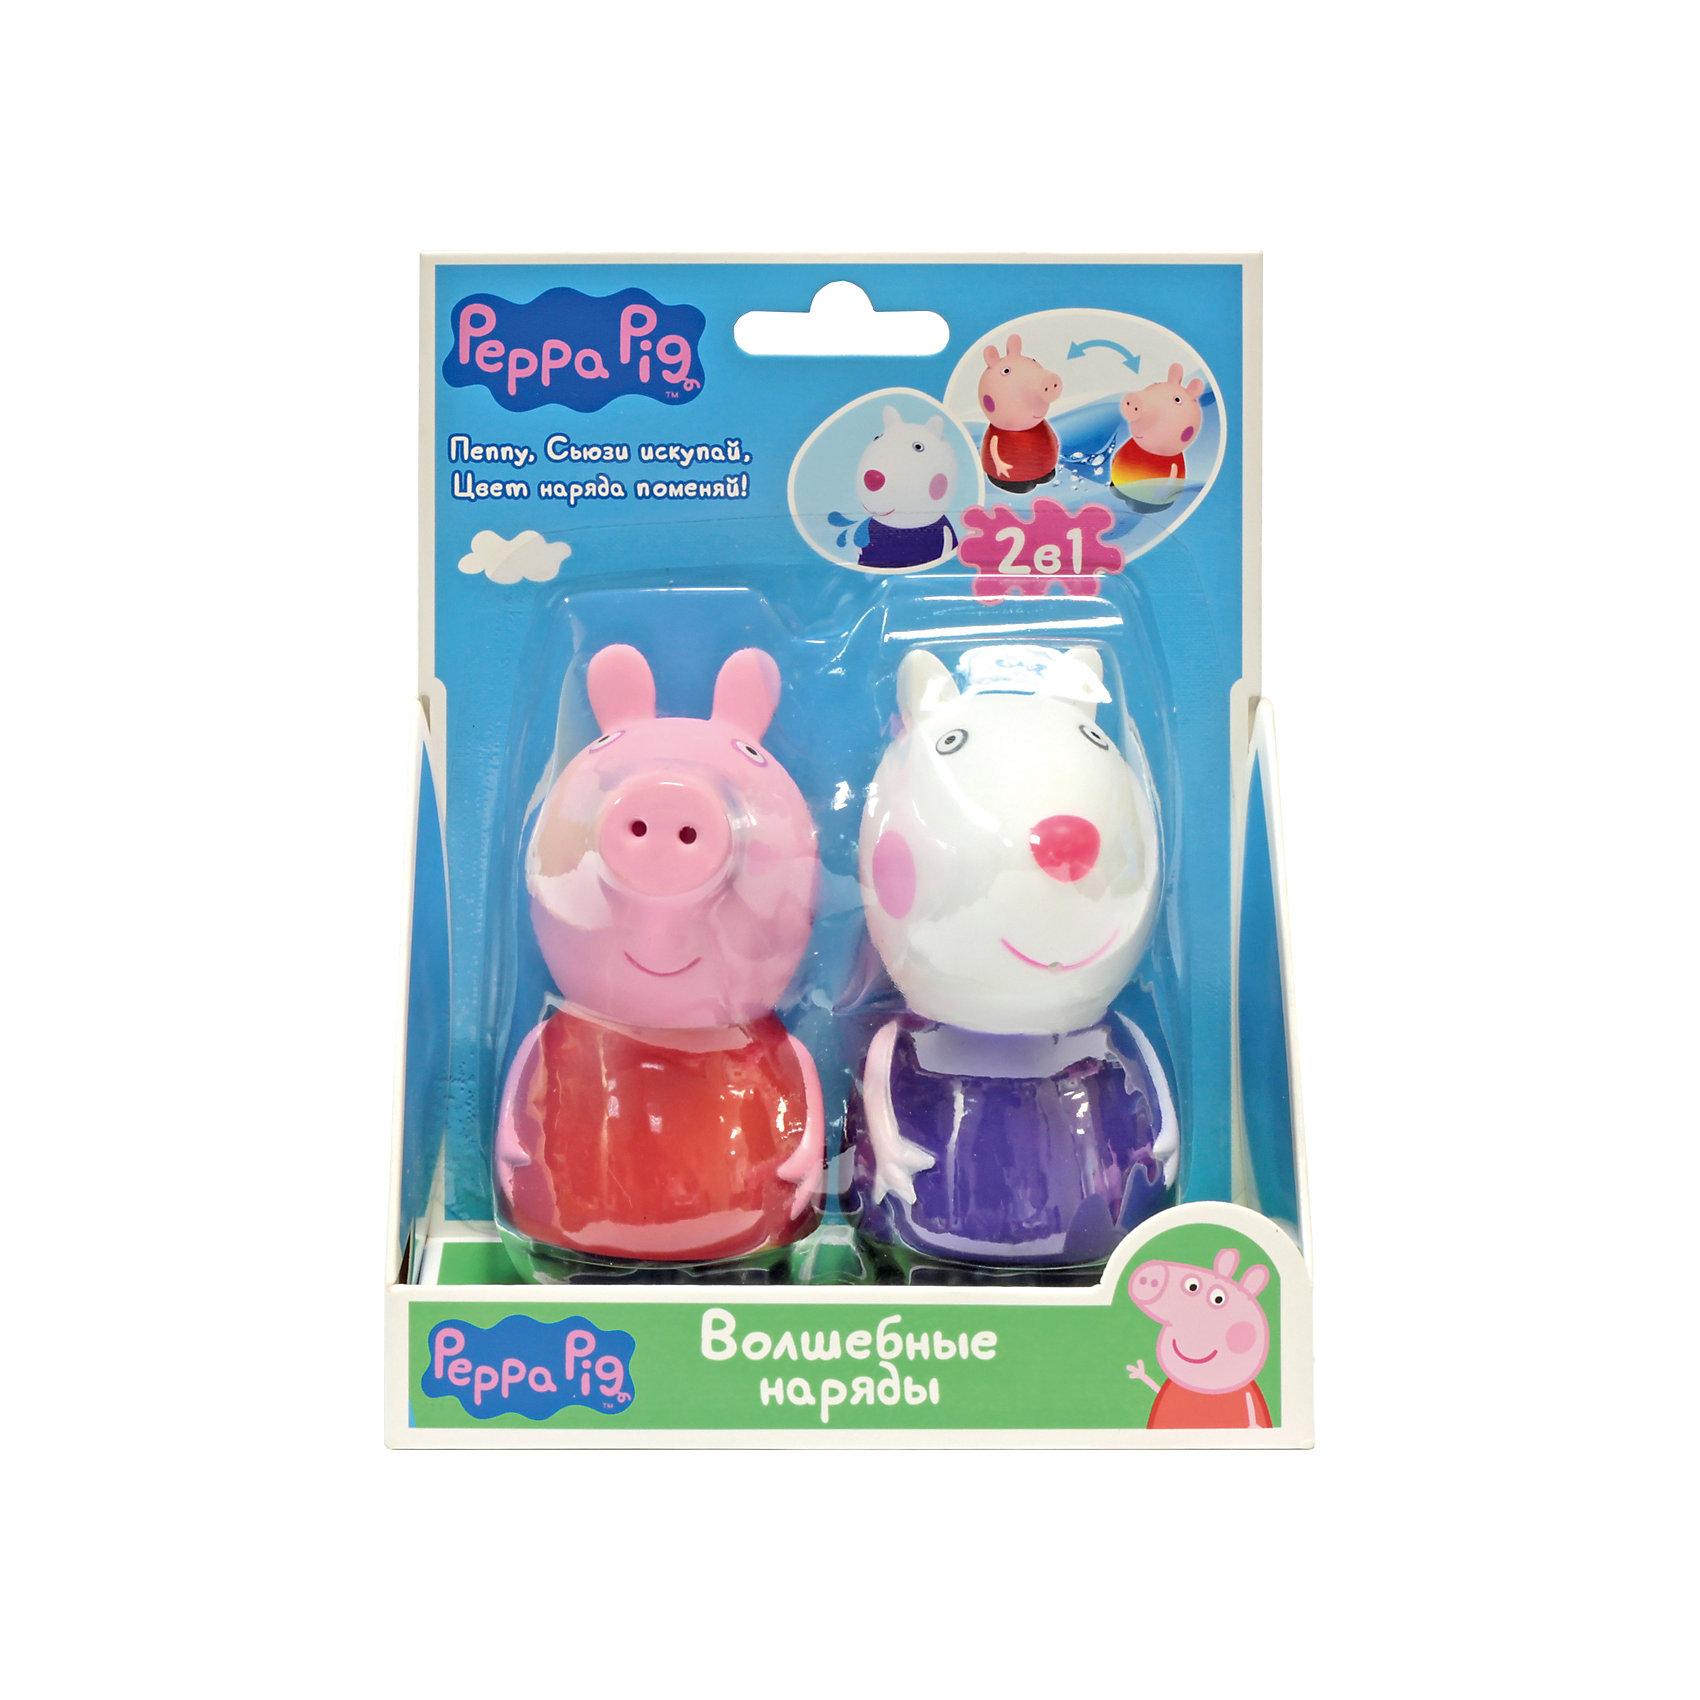 Набор Волшебные наряды, Peppa PigЛюбимые герои<br>Набор Волшебные наряды, Peppa Pig (Свинка Пеппа). <br><br>Характеристика:<br><br>• Материал: пластик.  <br>• Размер упаковки: 14х6х17,3 см. <br>• Высота фигурок: 5,5 см.  <br>• Голова, руки, ноги фигурок подвижные. <br>• 2 фигурки в комплекте. <br><br>Этот набор обязательно порадует всех любителей мультсериала Peppa Pig. Сьюзи и Пеппа - настоящие модницы, а их чудесные платья умеют менять цвет! Опусти игрушки в теплую воду: платье Свинки превратится из красного в желтое, а платье овечки - из фиолетового в розовое. Когда игрушки высохнут, их одежда станет первоначального цвета. Вот такой замечательный и модный фокус!<br>Игрушки изготовлены из нетоксичного гипоаллергенного пластика, прекрасно детализированы и реалистично раскрашены - очень похожи на героев мультфильма.<br><br>Набор Волшебные наряды, Peppa Pig (Свинка Пеппа), можно купить в нашем интернет-магазине.<br><br>Ширина мм: 140<br>Глубина мм: 63<br>Высота мм: 173<br>Вес г: 115<br>Возраст от месяцев: 36<br>Возраст до месяцев: 2147483647<br>Пол: Унисекс<br>Возраст: Детский<br>SKU: 5211689